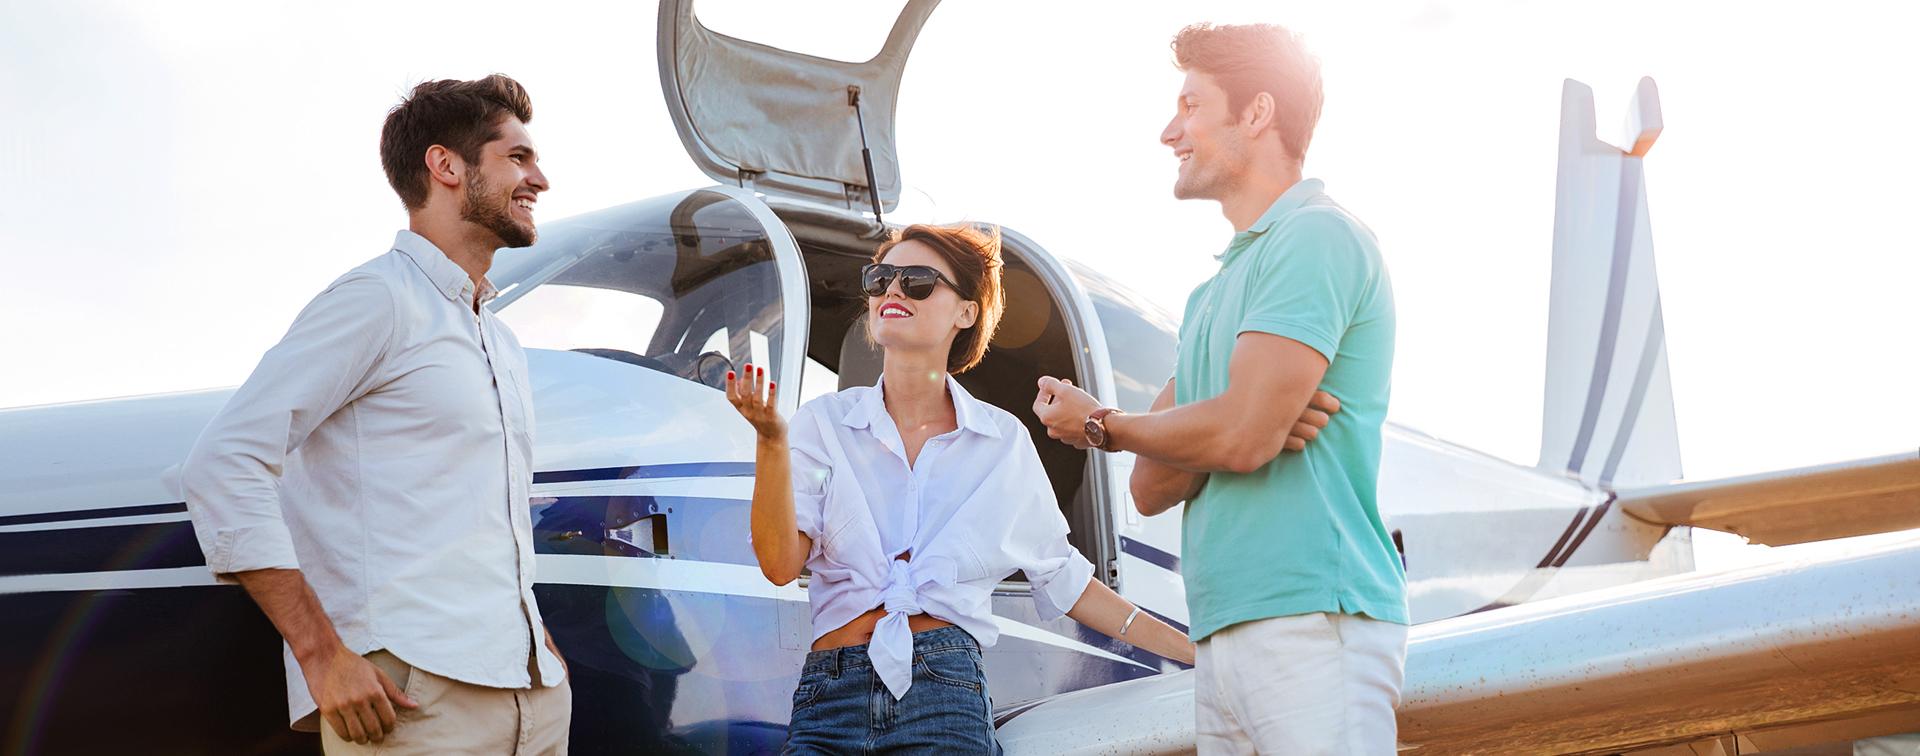 Pilot turystyczny PPL(A)